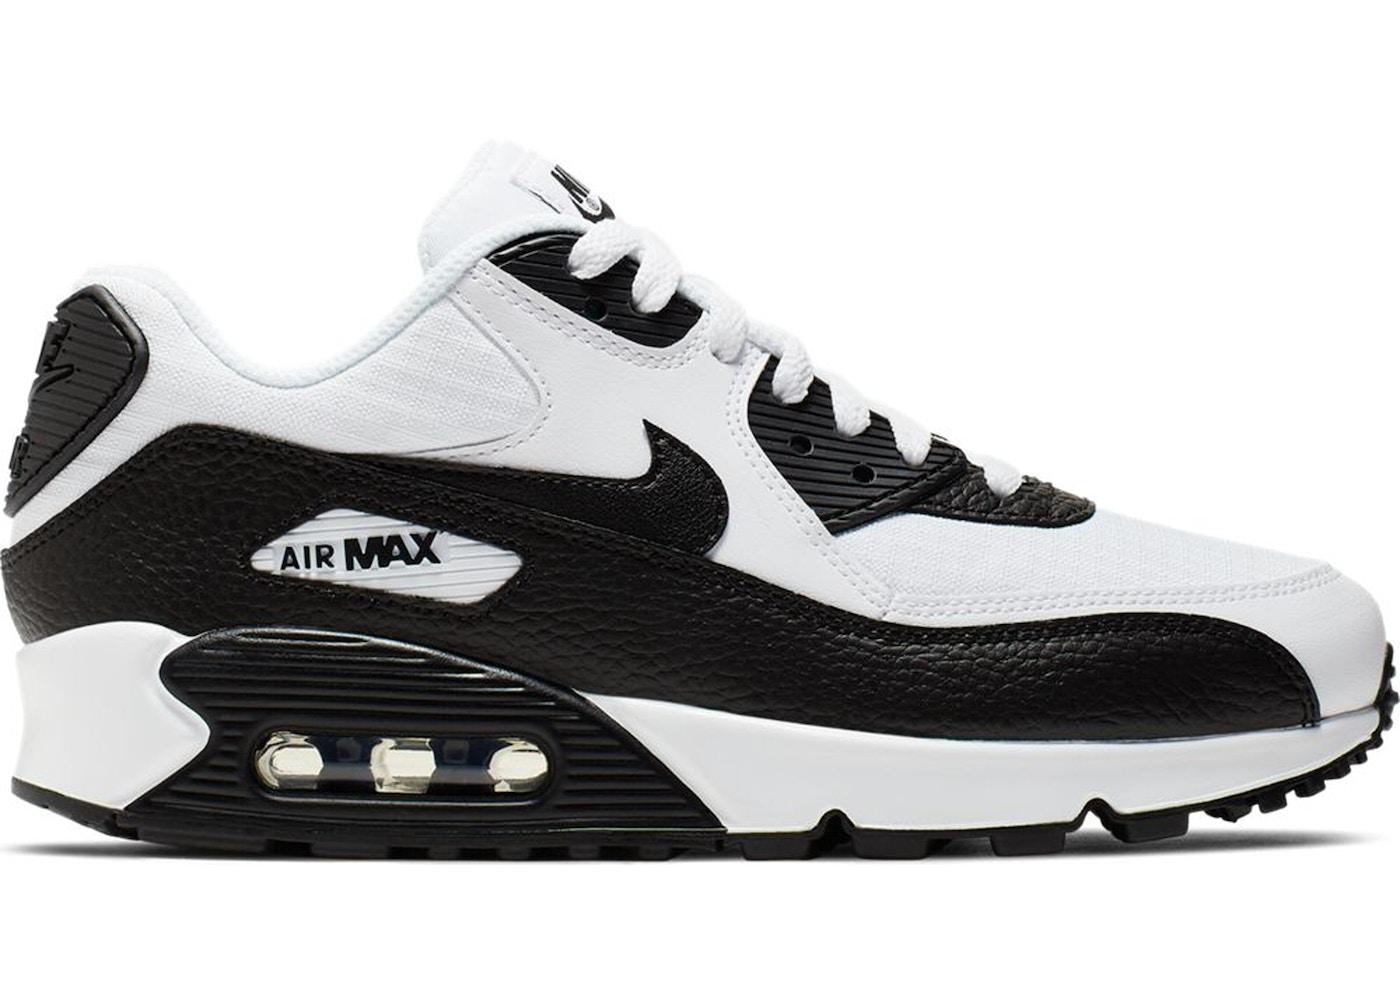 infinito cocinero Primer ministro  Nike Air Max 90 White Black (2019) - 325213-139